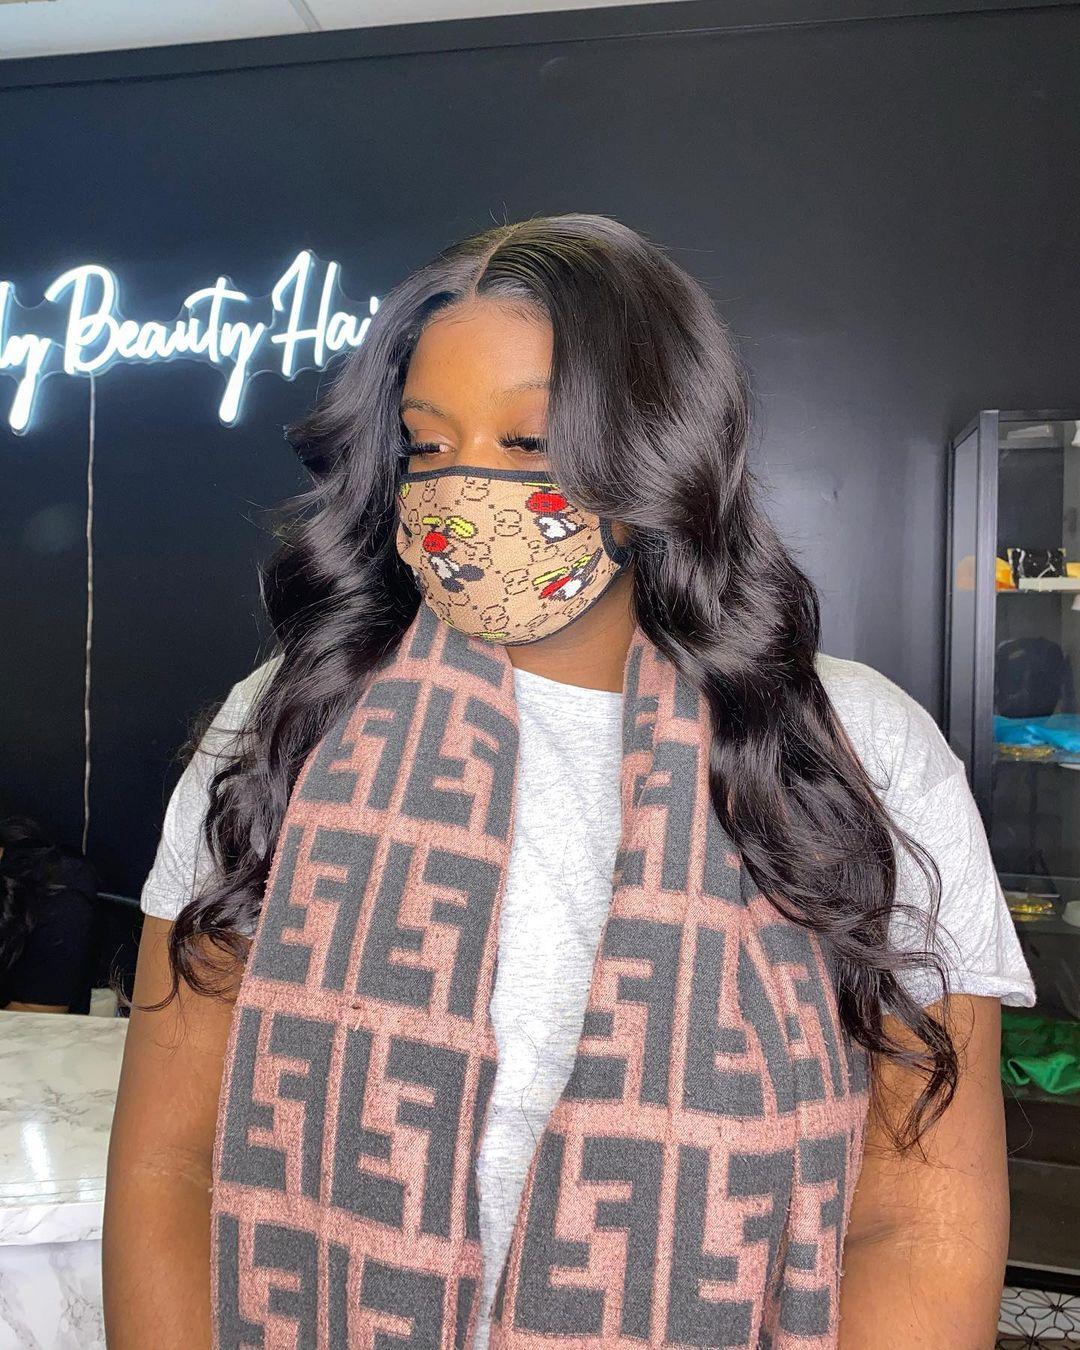 Cindy Beauty Hair Salon